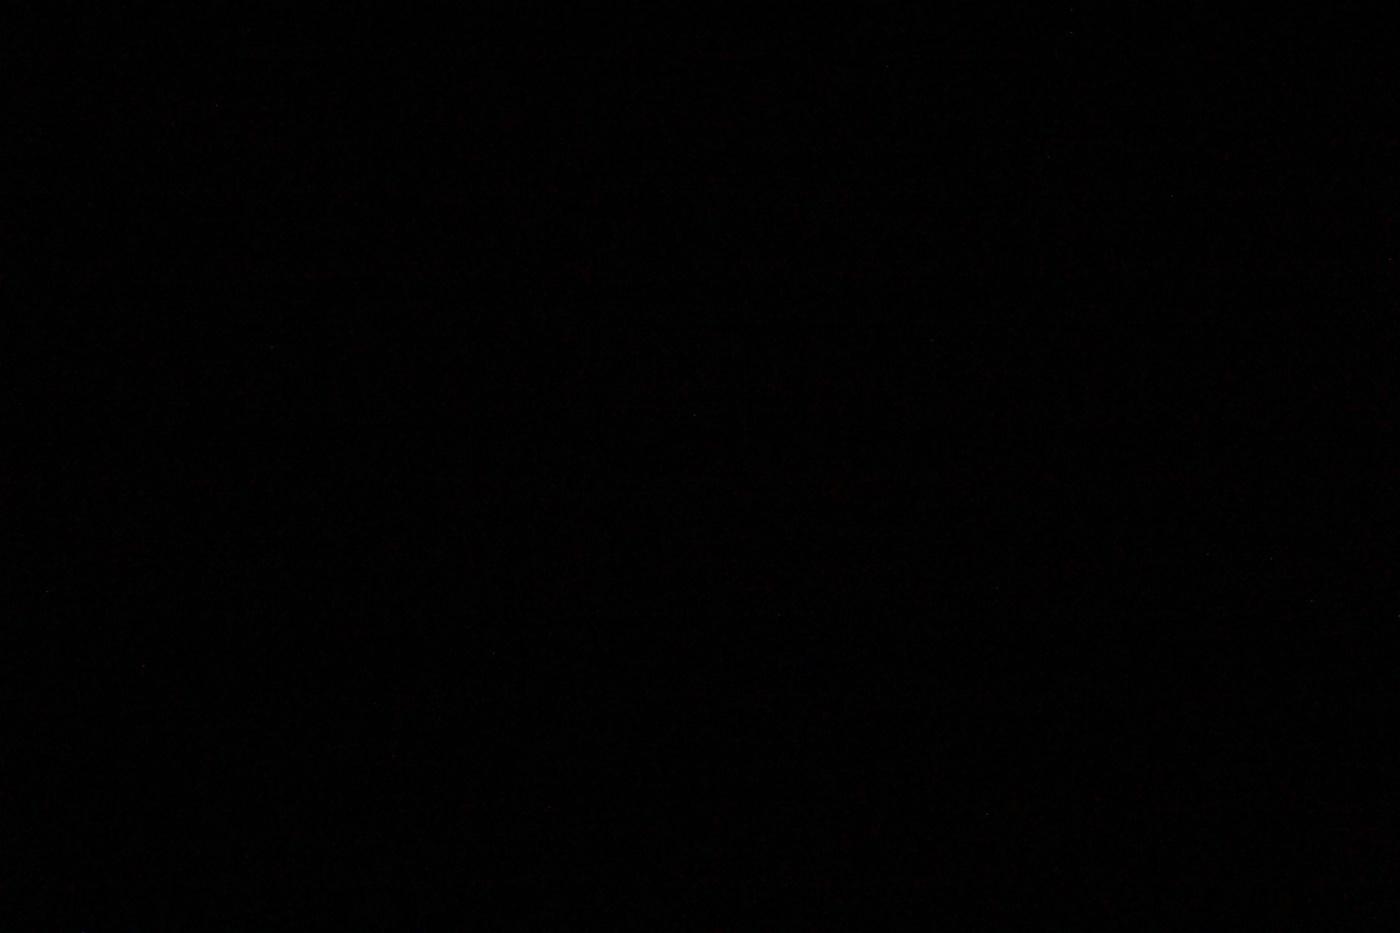 fondo-negro-en-nuevayork